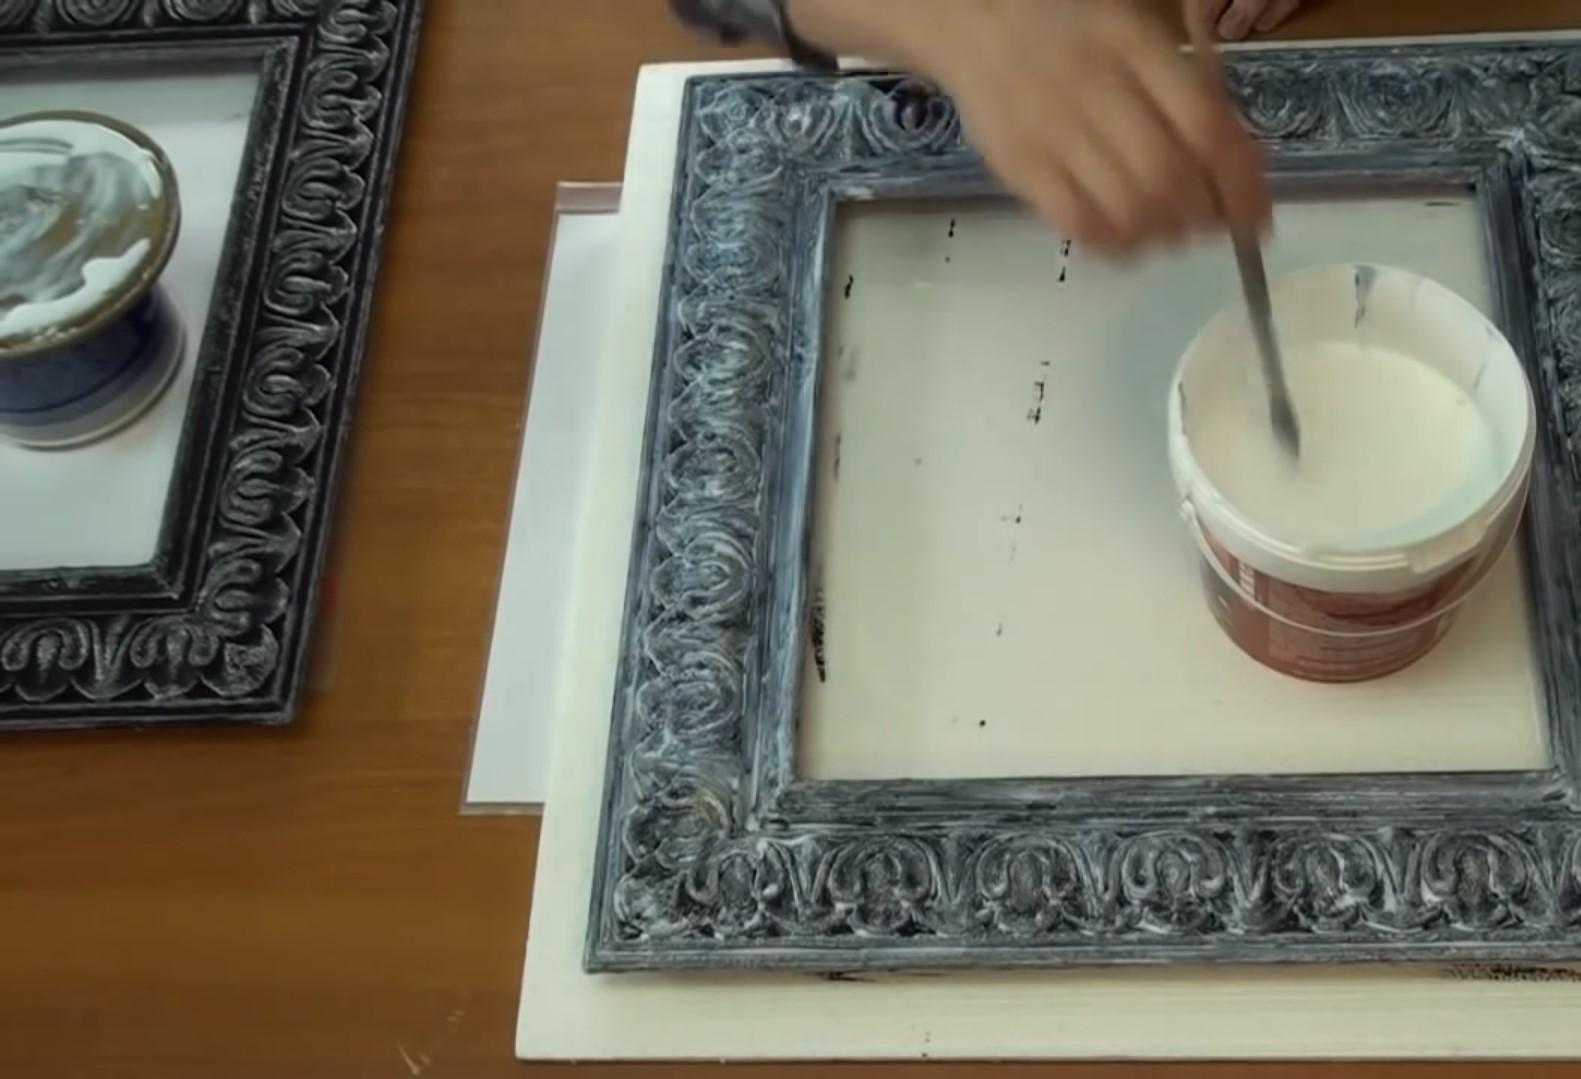 Рамки из плинтусов для картин, зеркал: видео-инструкция как сделать на стене своими руками, пластиковые, потолочные варианты, фото и цена